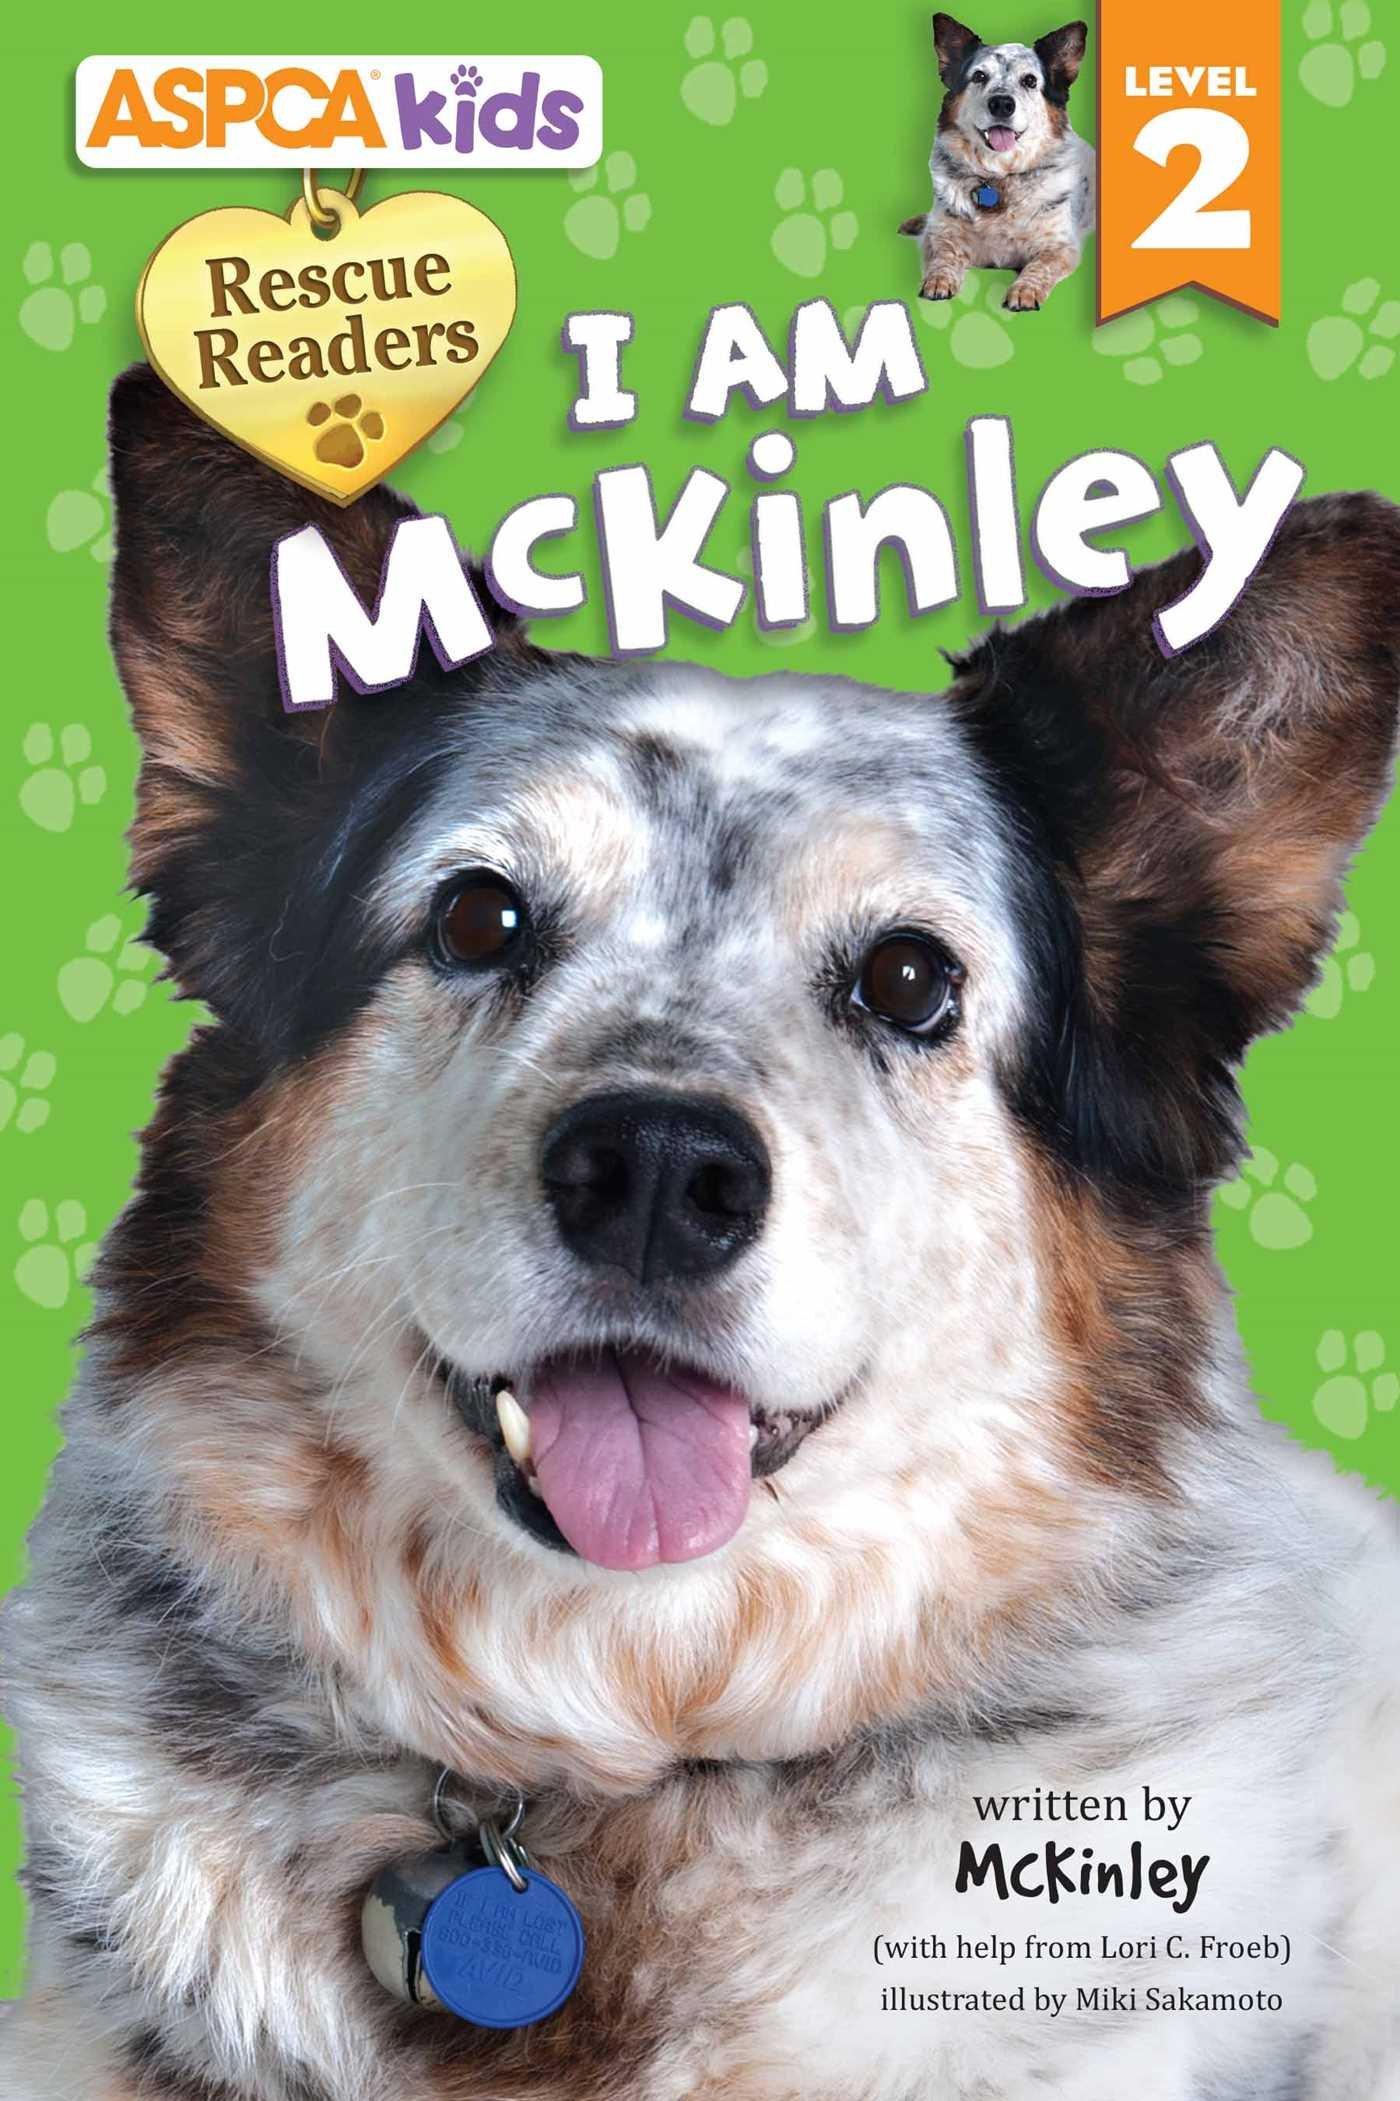 ASPCA kids: Rescue Readers: I Am McKinley: Level 2 ebook